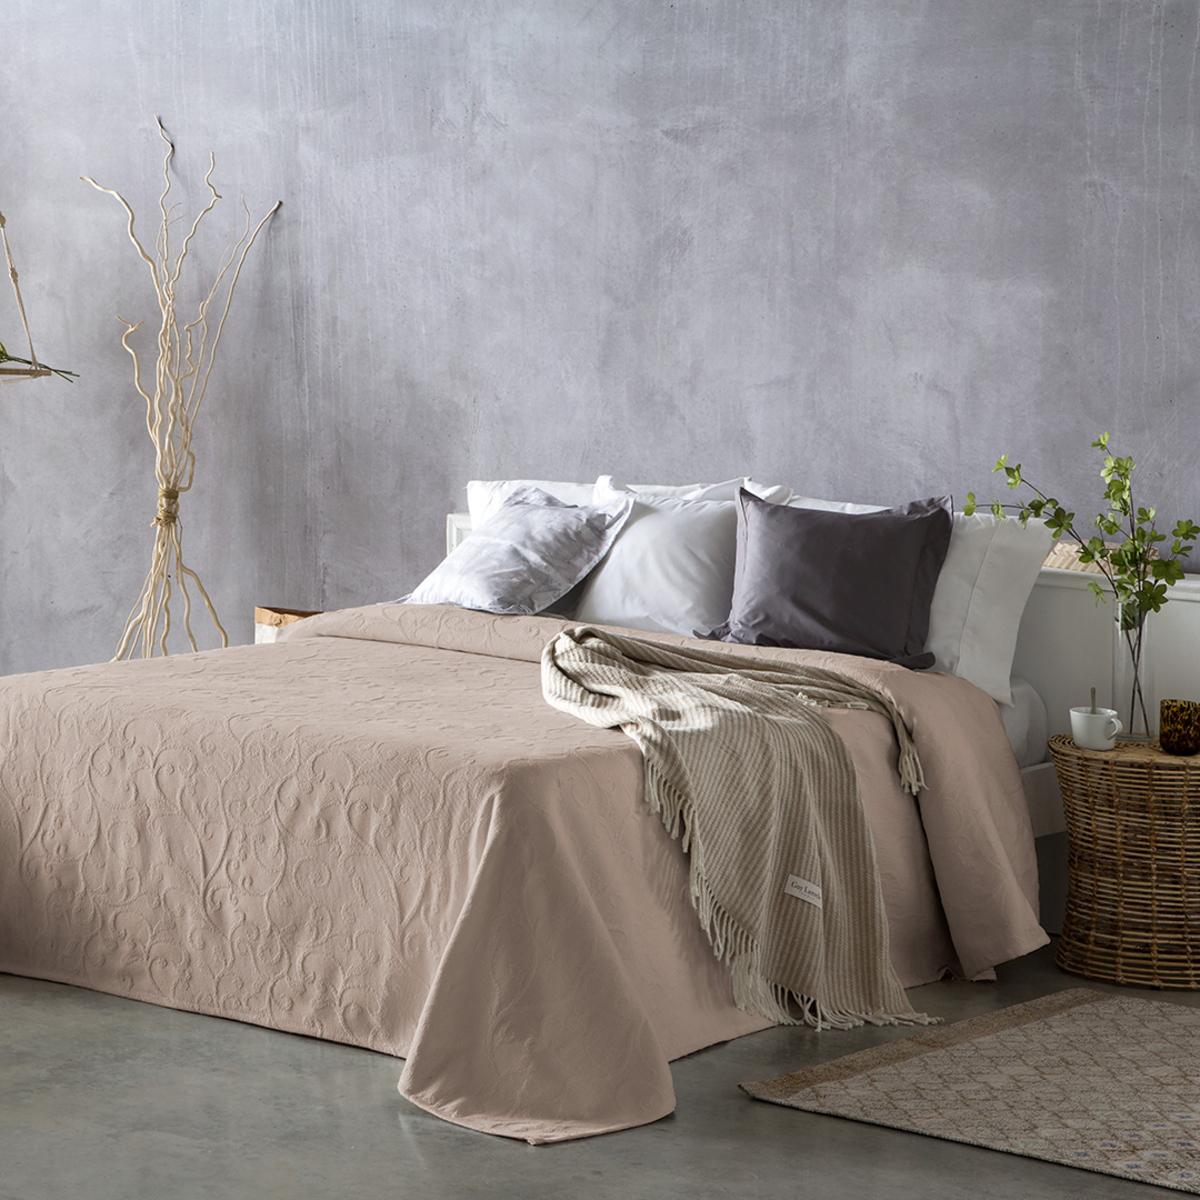 Couvre lit en coton terre 250x270